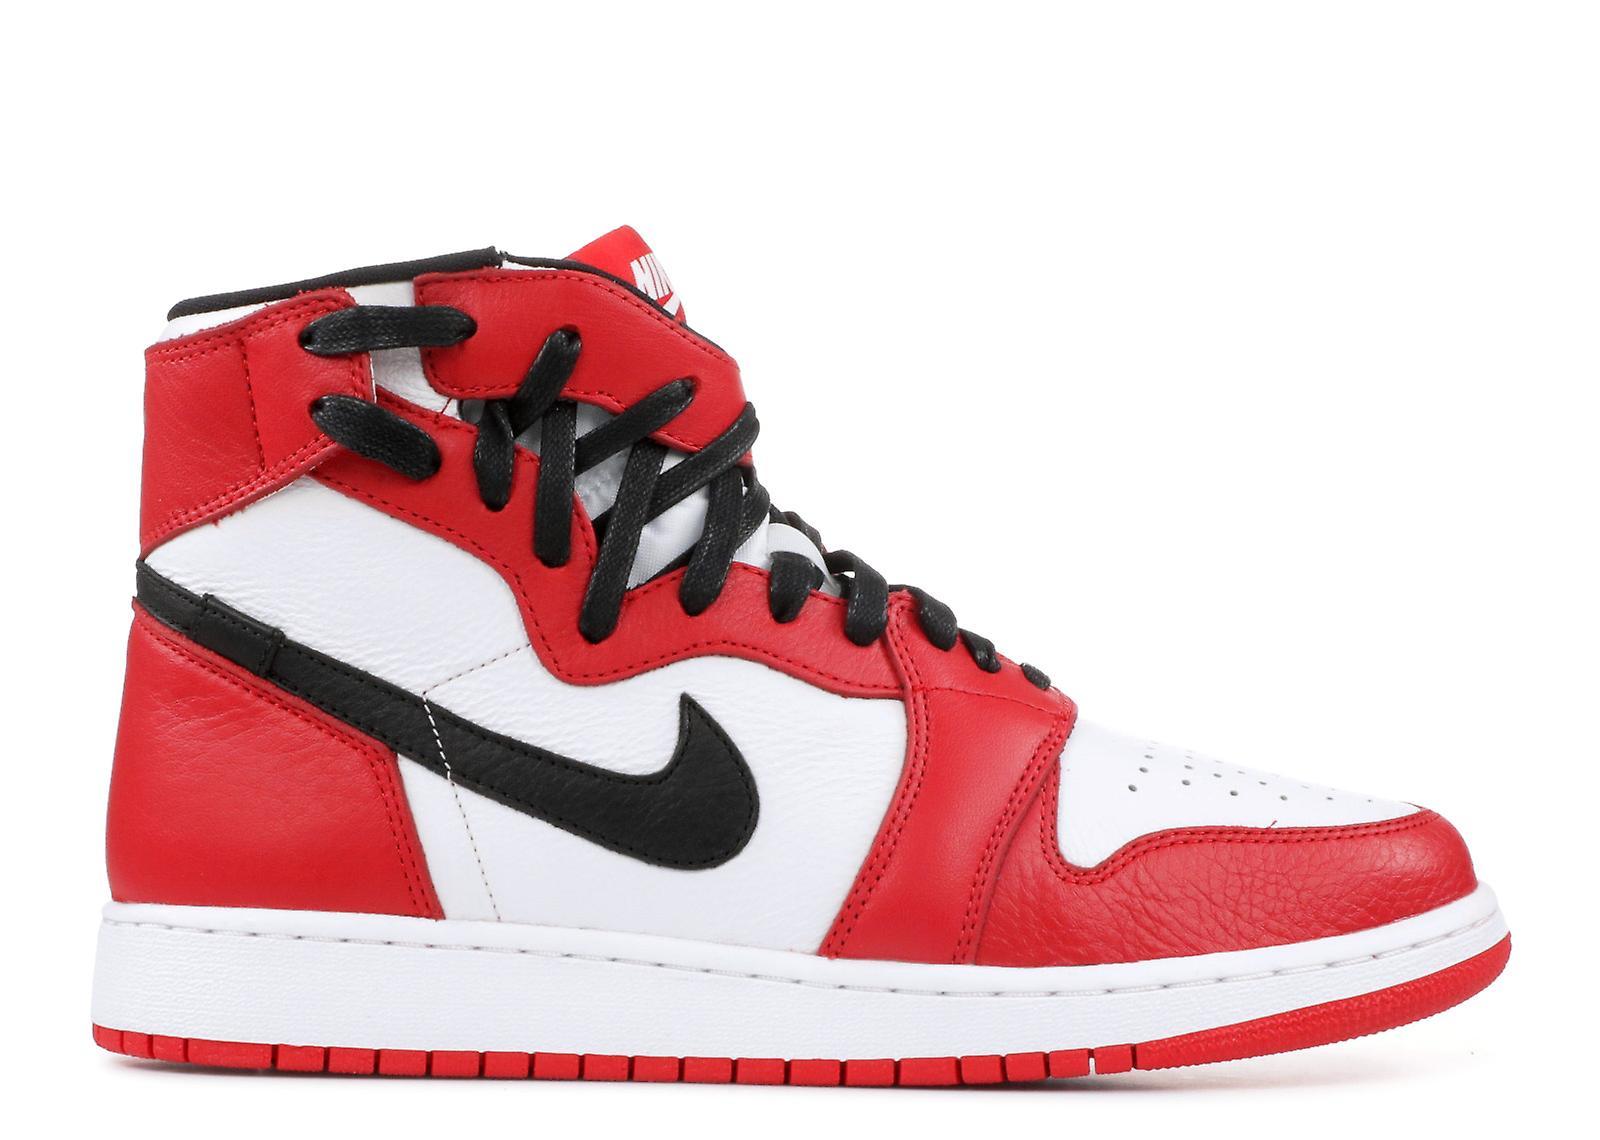 1 opprører Xx kvinner-At4151-100 - sko